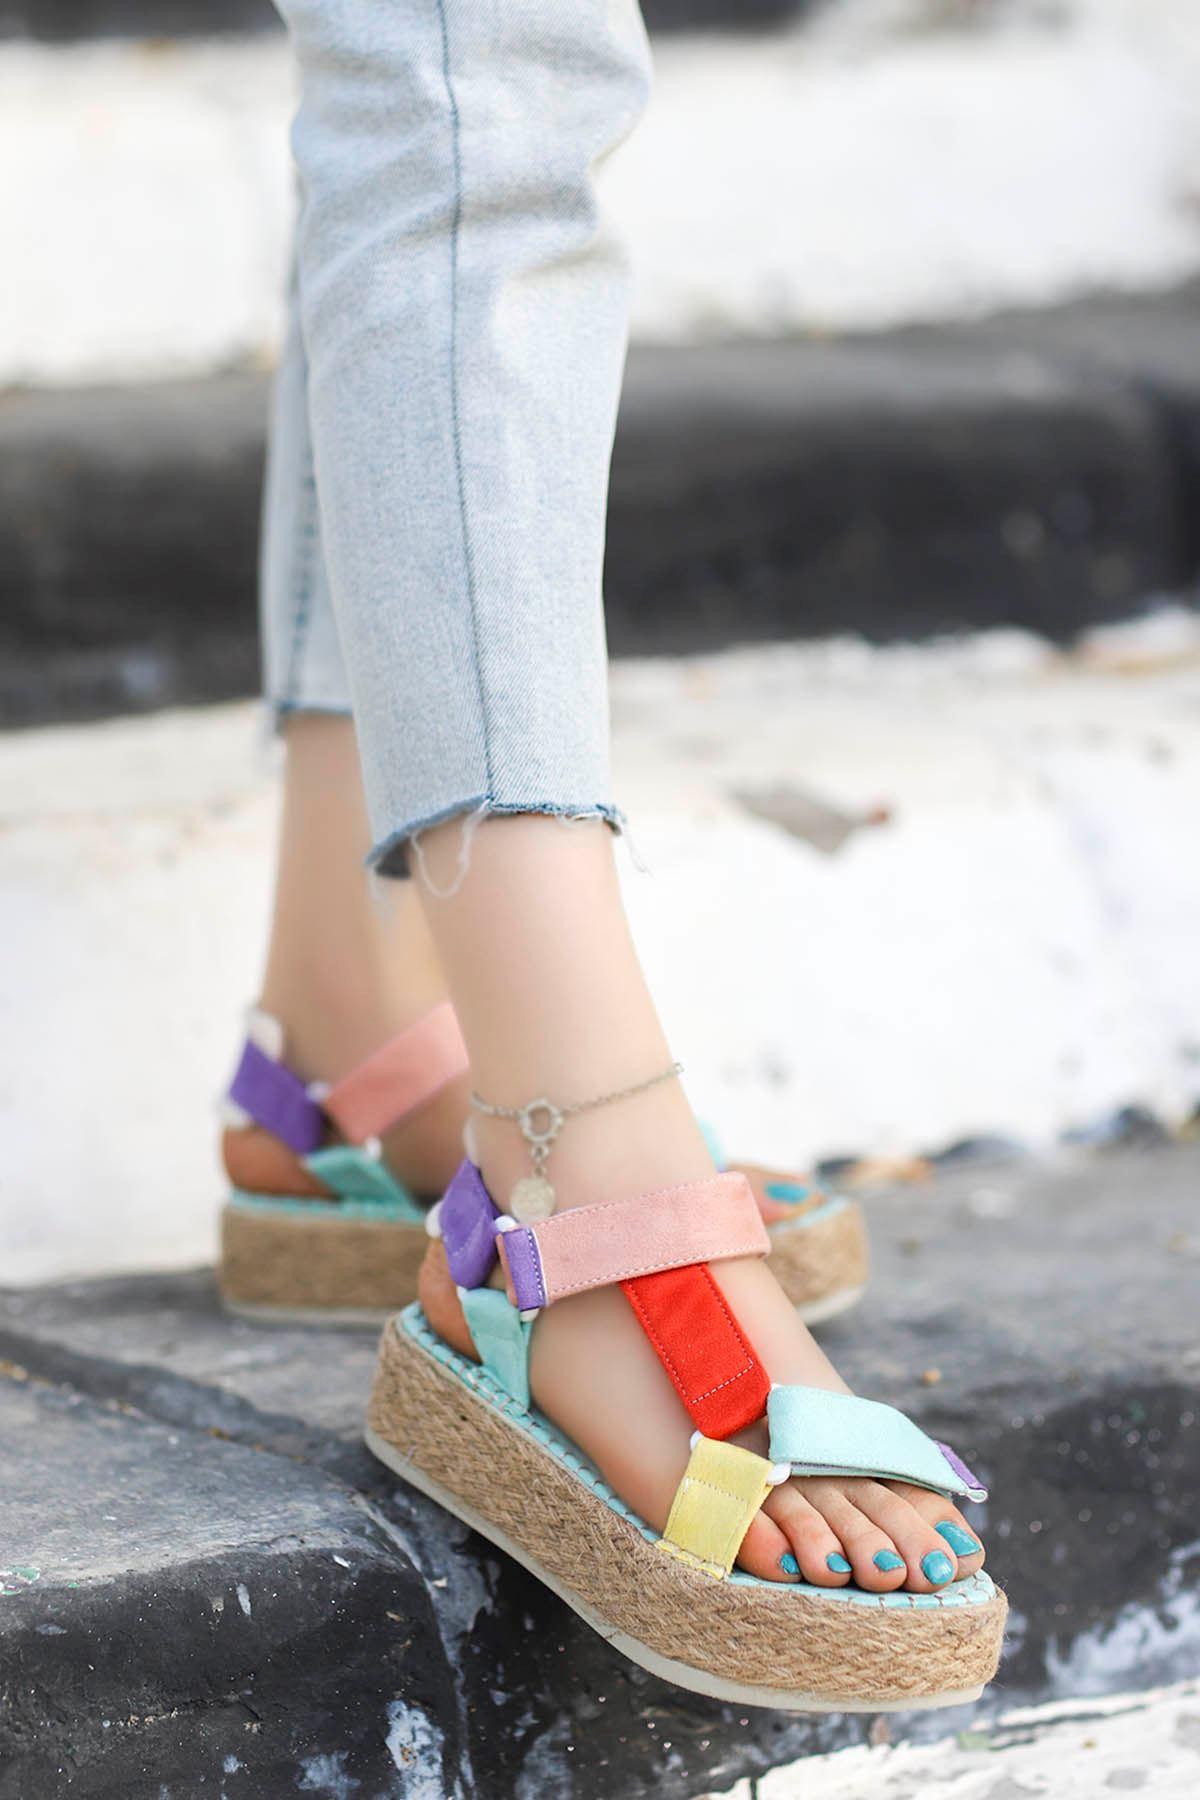 Massara Hasır Taban Sandalet Turuncu Mavi Sarı